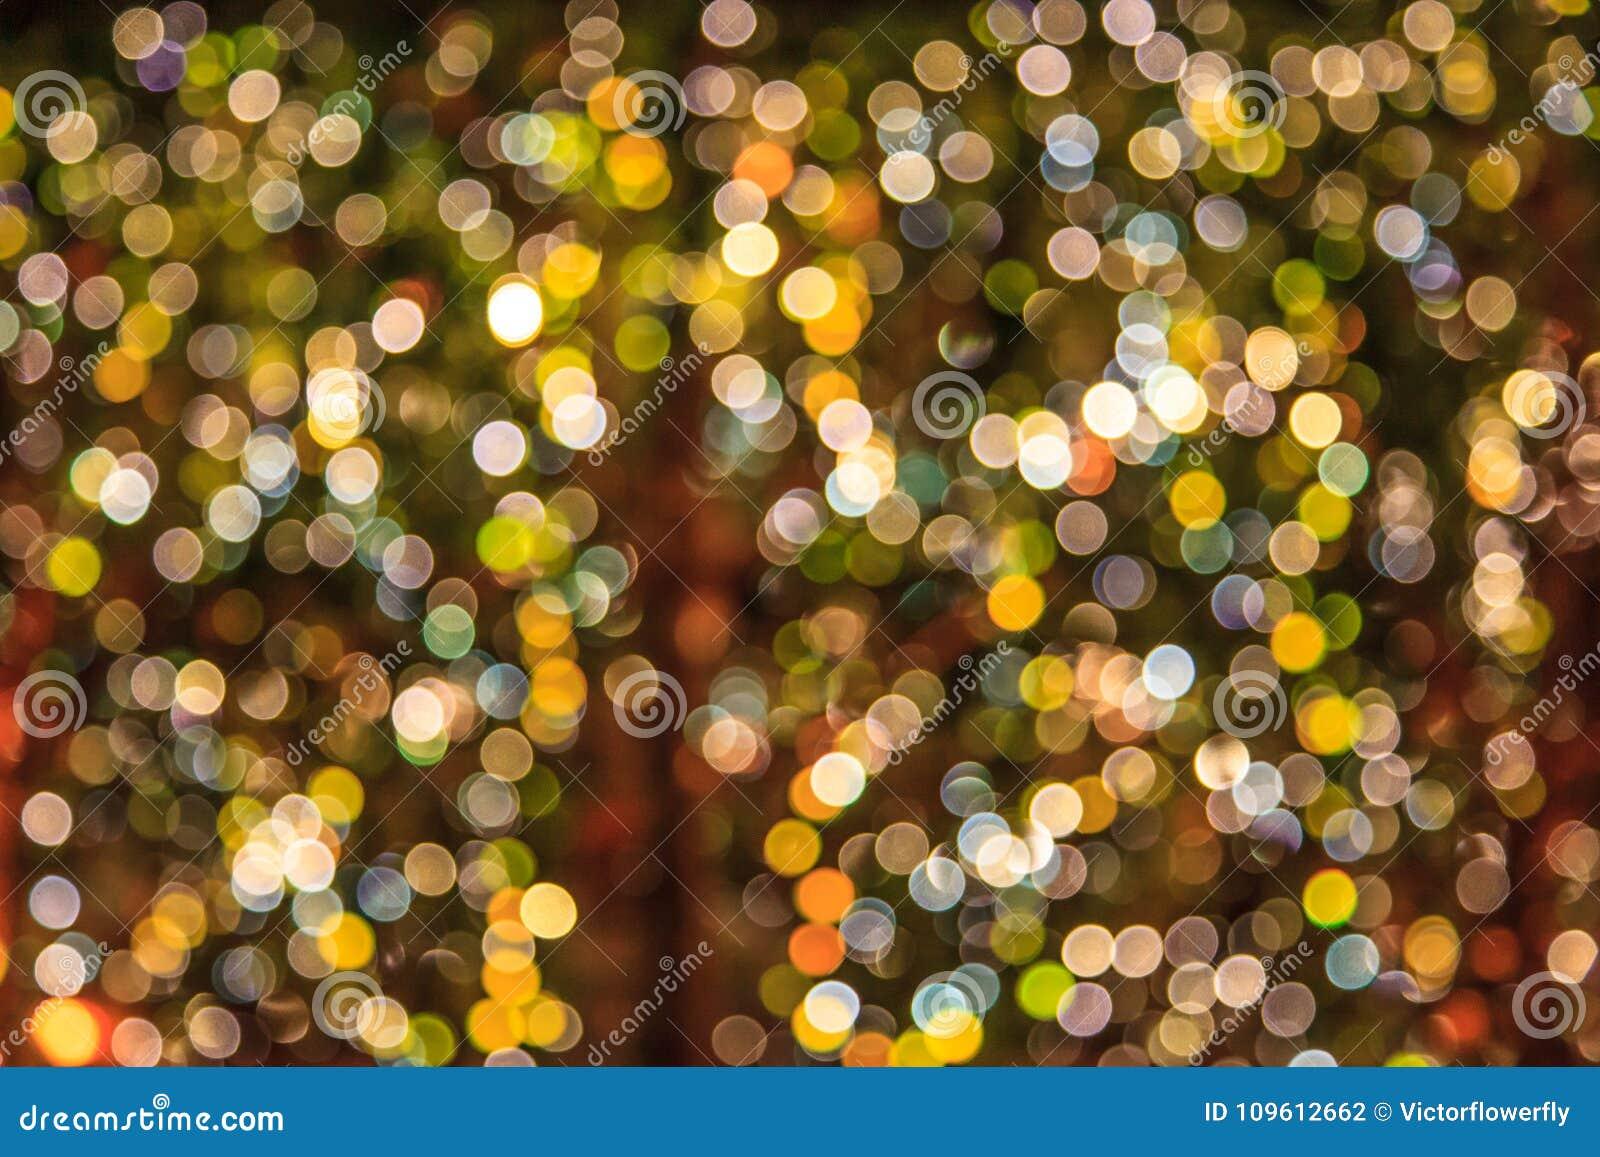 Le résumé a brouillé le fond brillant coloré éclatant d ampoules Les événements spéciaux, vacances, festivals wallpaper le dos de